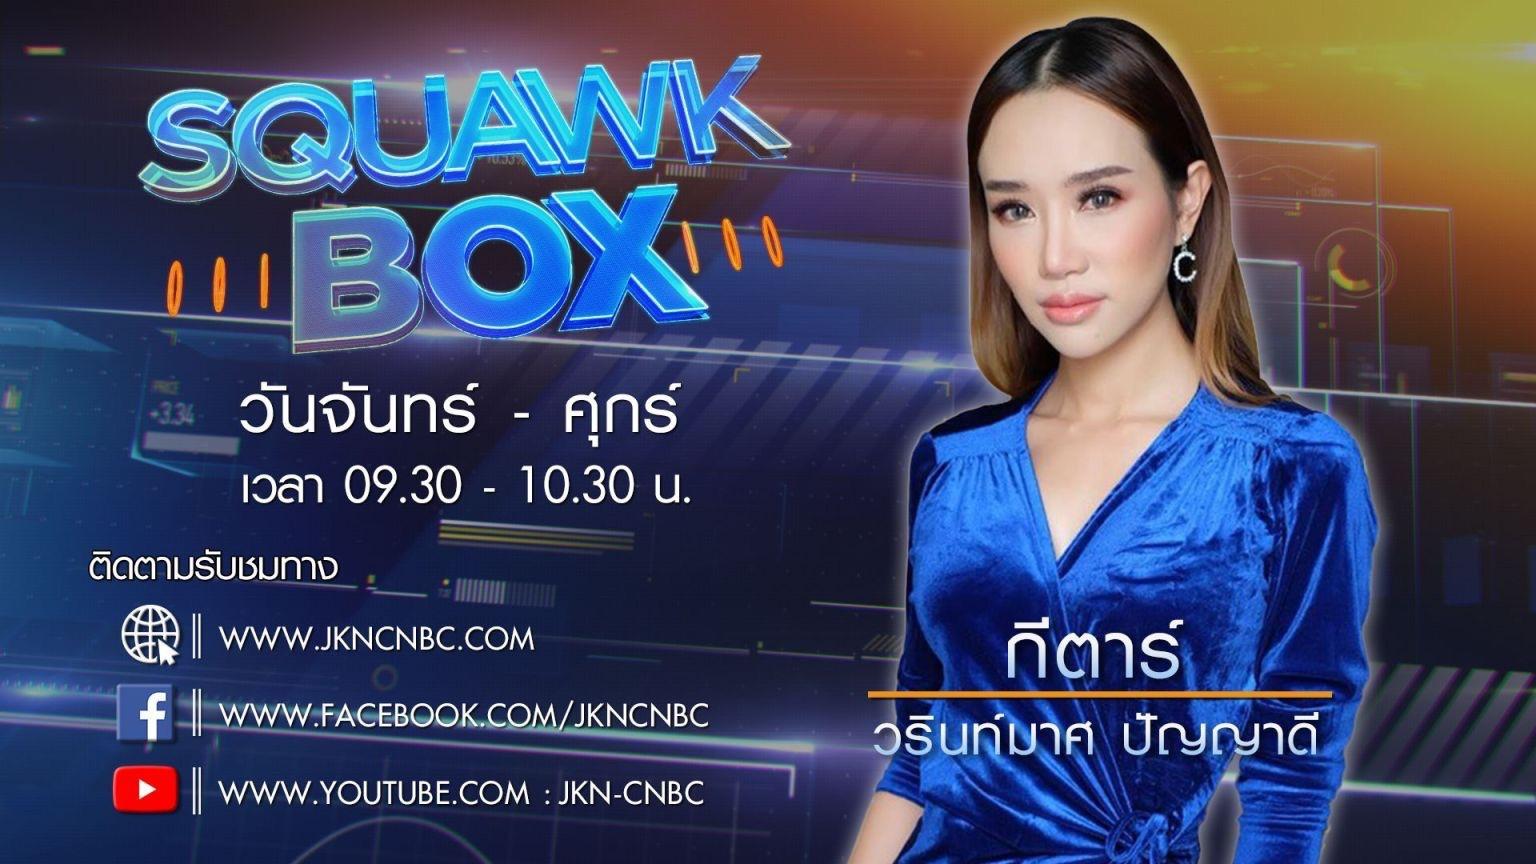 """""""เจเคเอ็น"""" คว้า """"กีตาร์ วรินท์มาศ ปัญญาดี"""" แฟนพันธุ์แท้ CNBC International นั่งผู้ประกาศ JKN-CNBC ยกระดับข่าวเศรษฐกิจ การเงิน เมืองไทย มาตรฐานระดับโลก"""